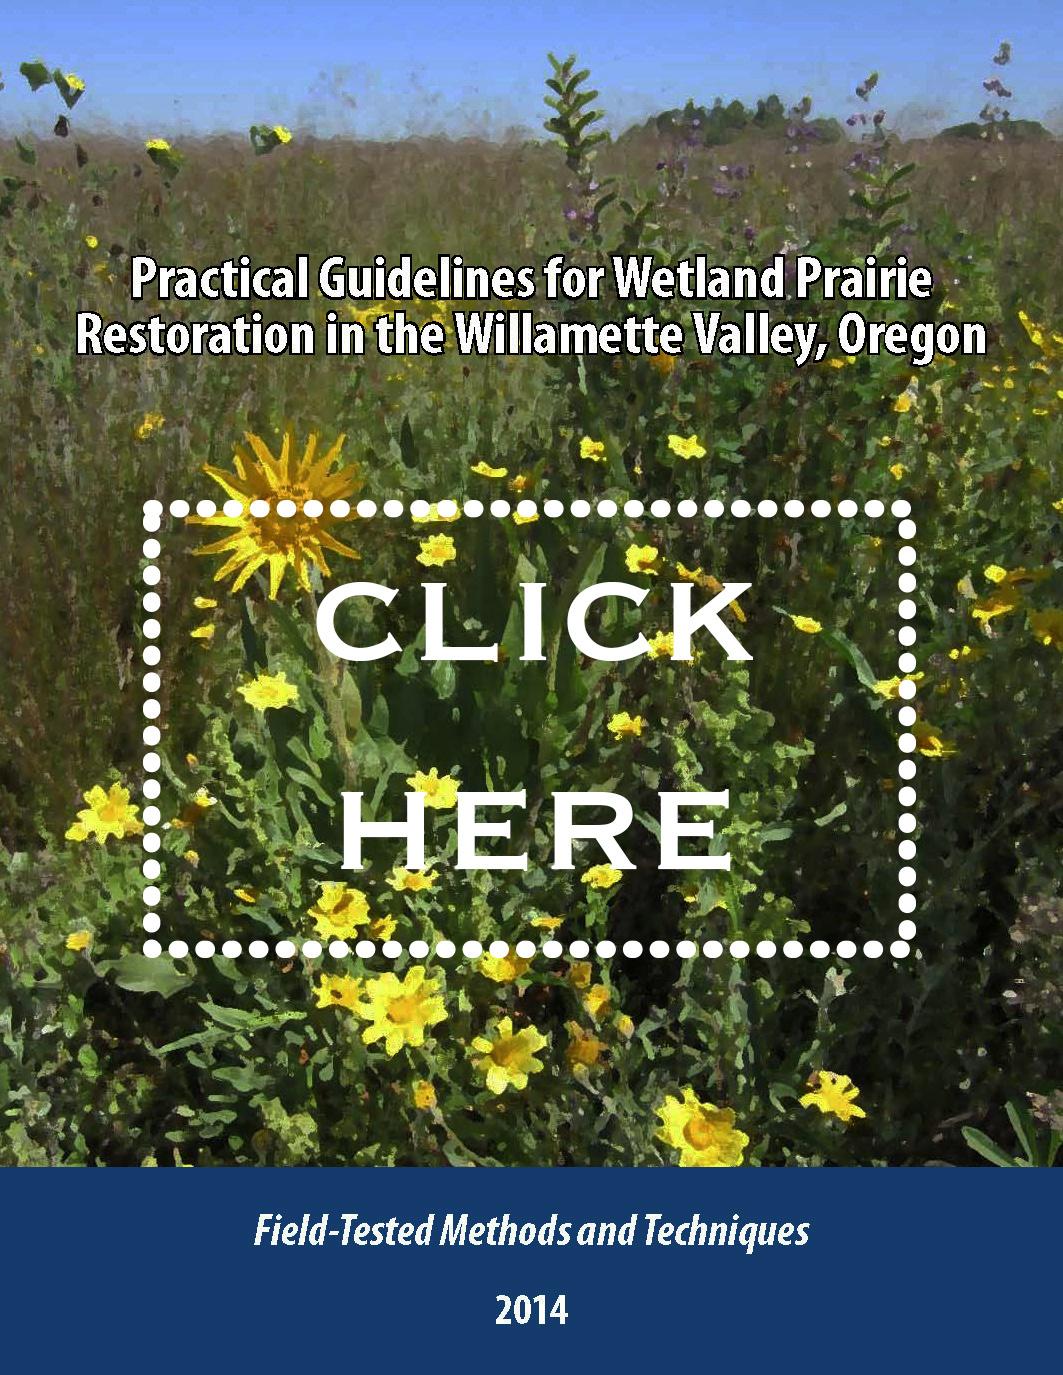 Wetland Prairie Guide (PDF)